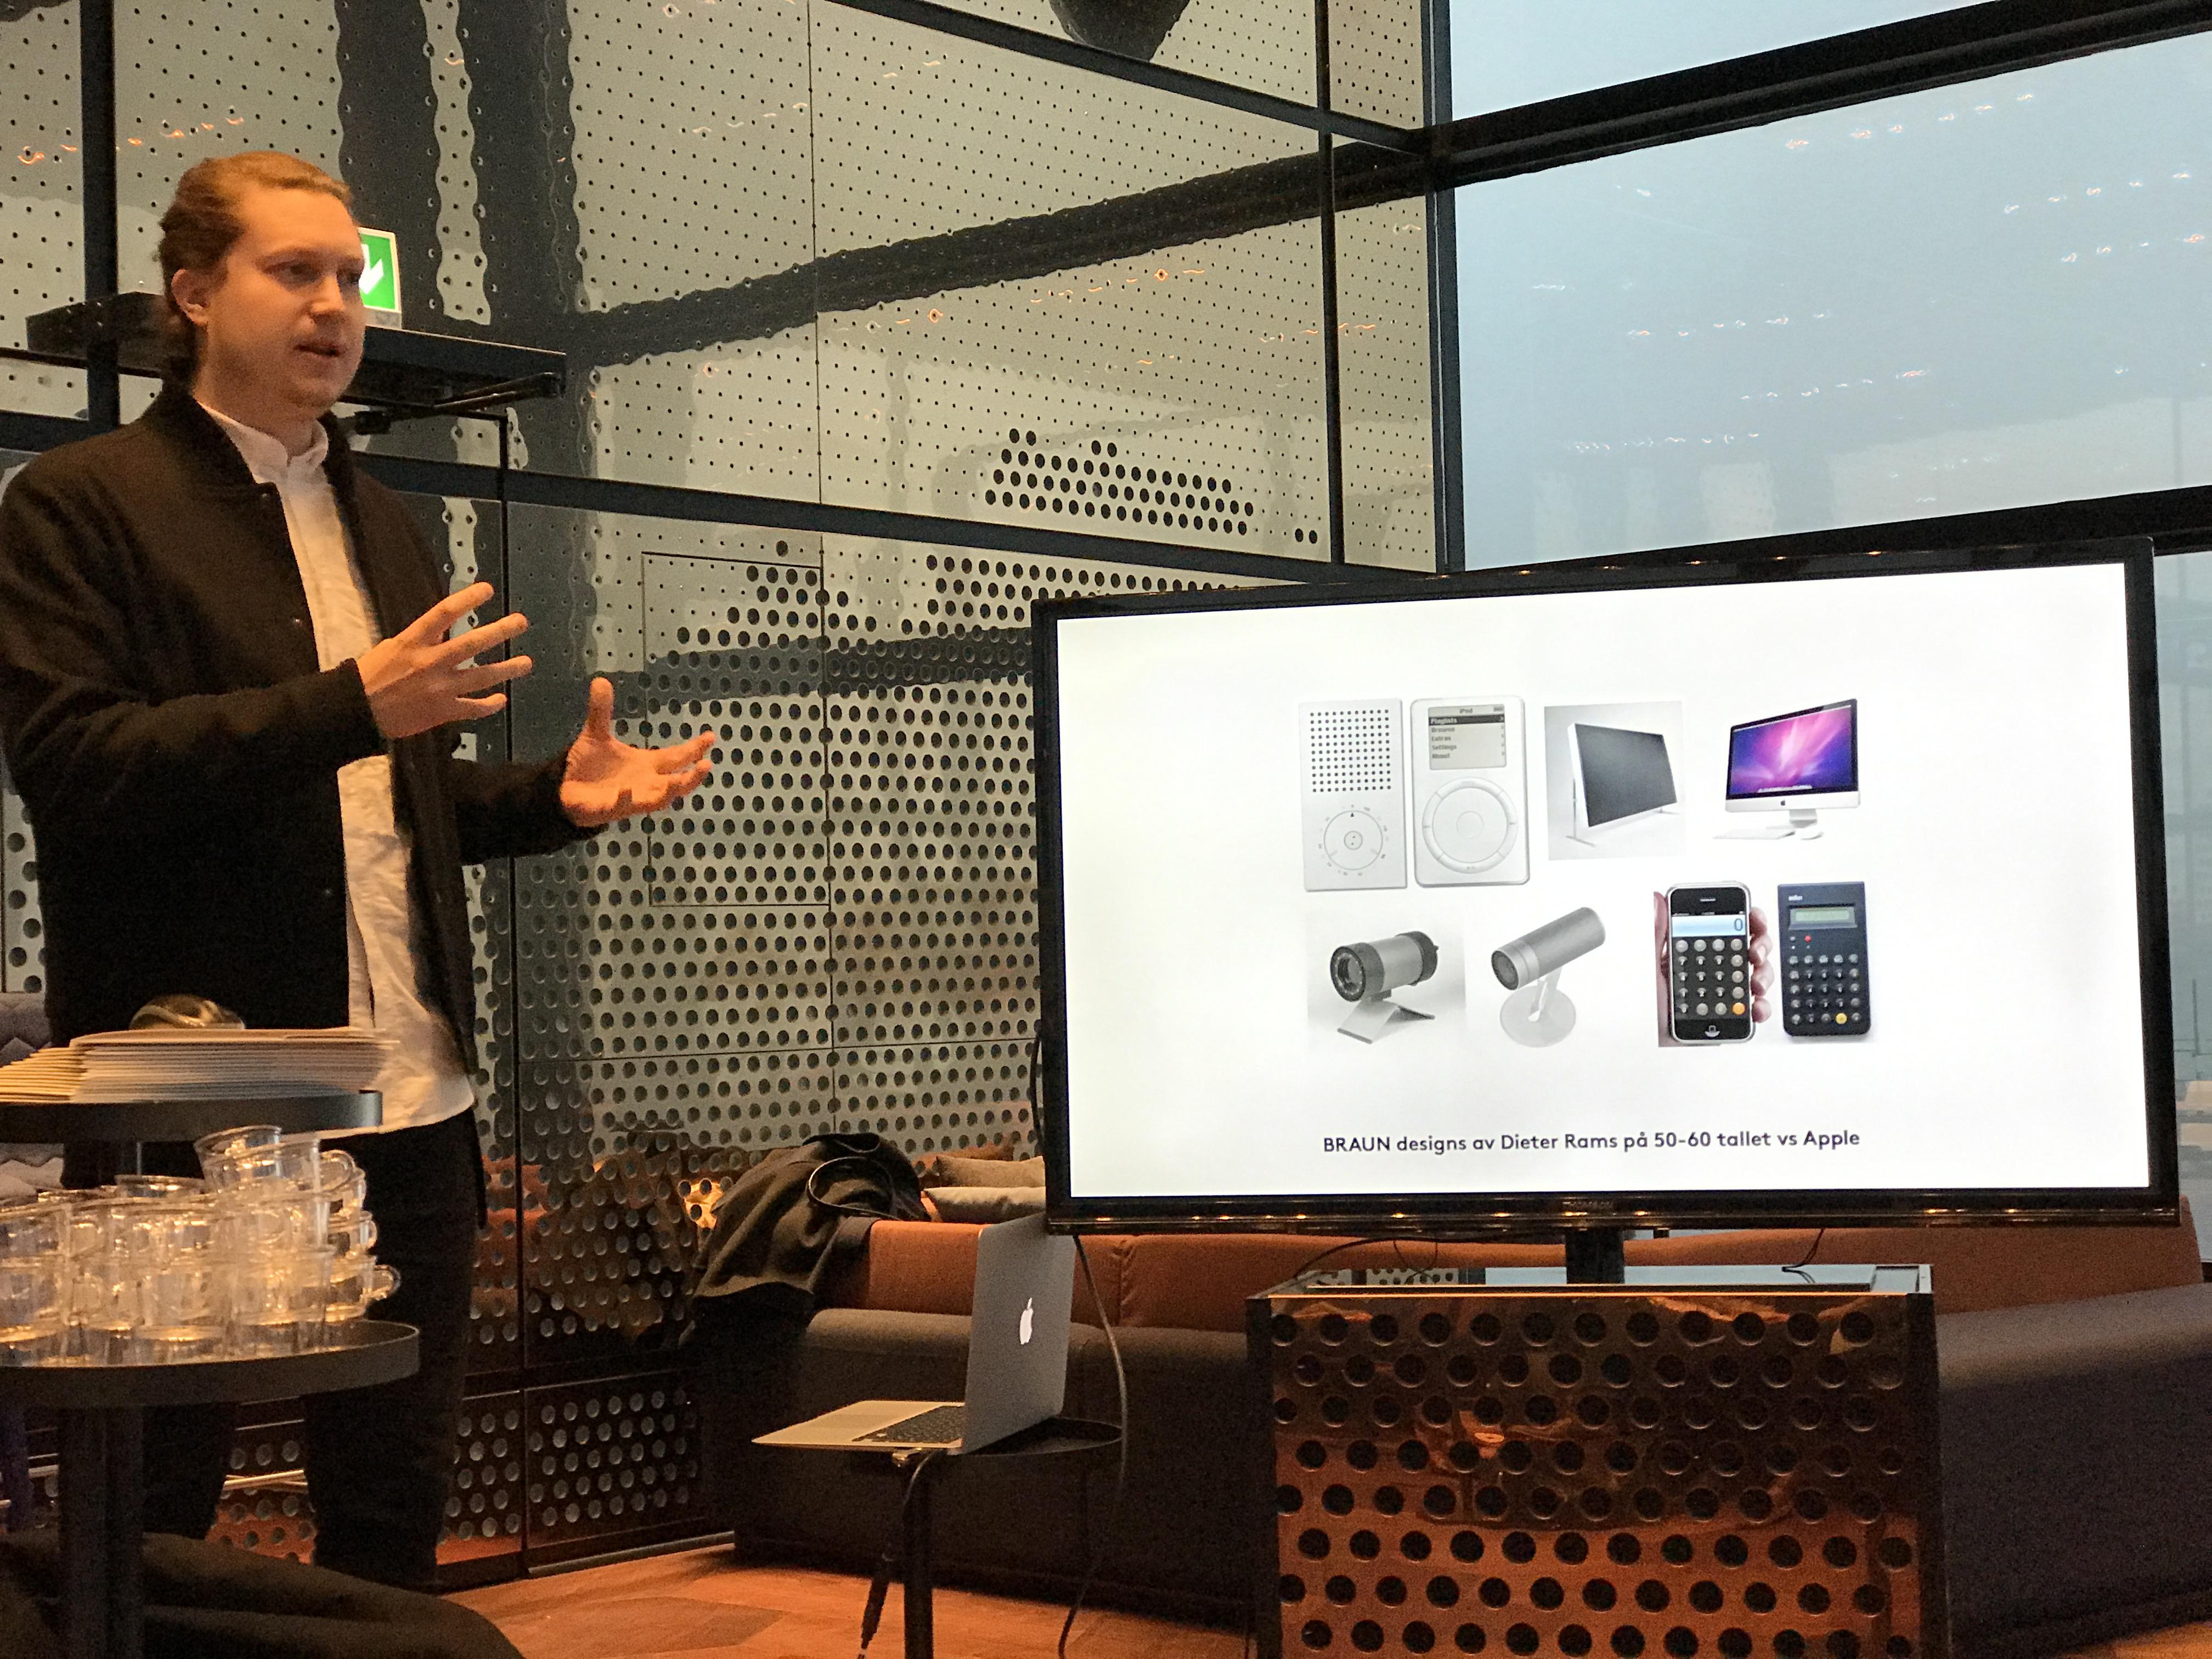 Den anerkjente designeren som har undervist på en prestisjefylt design-universitet i New York viste hvordan blant annet Apple har blitt kraftig inspirert av Dieter Rahms sine ikoniske design fra 60-tallet for Braun, men ga dem også tyn for å ha designet en mus som må snus rundt for å kabellades.